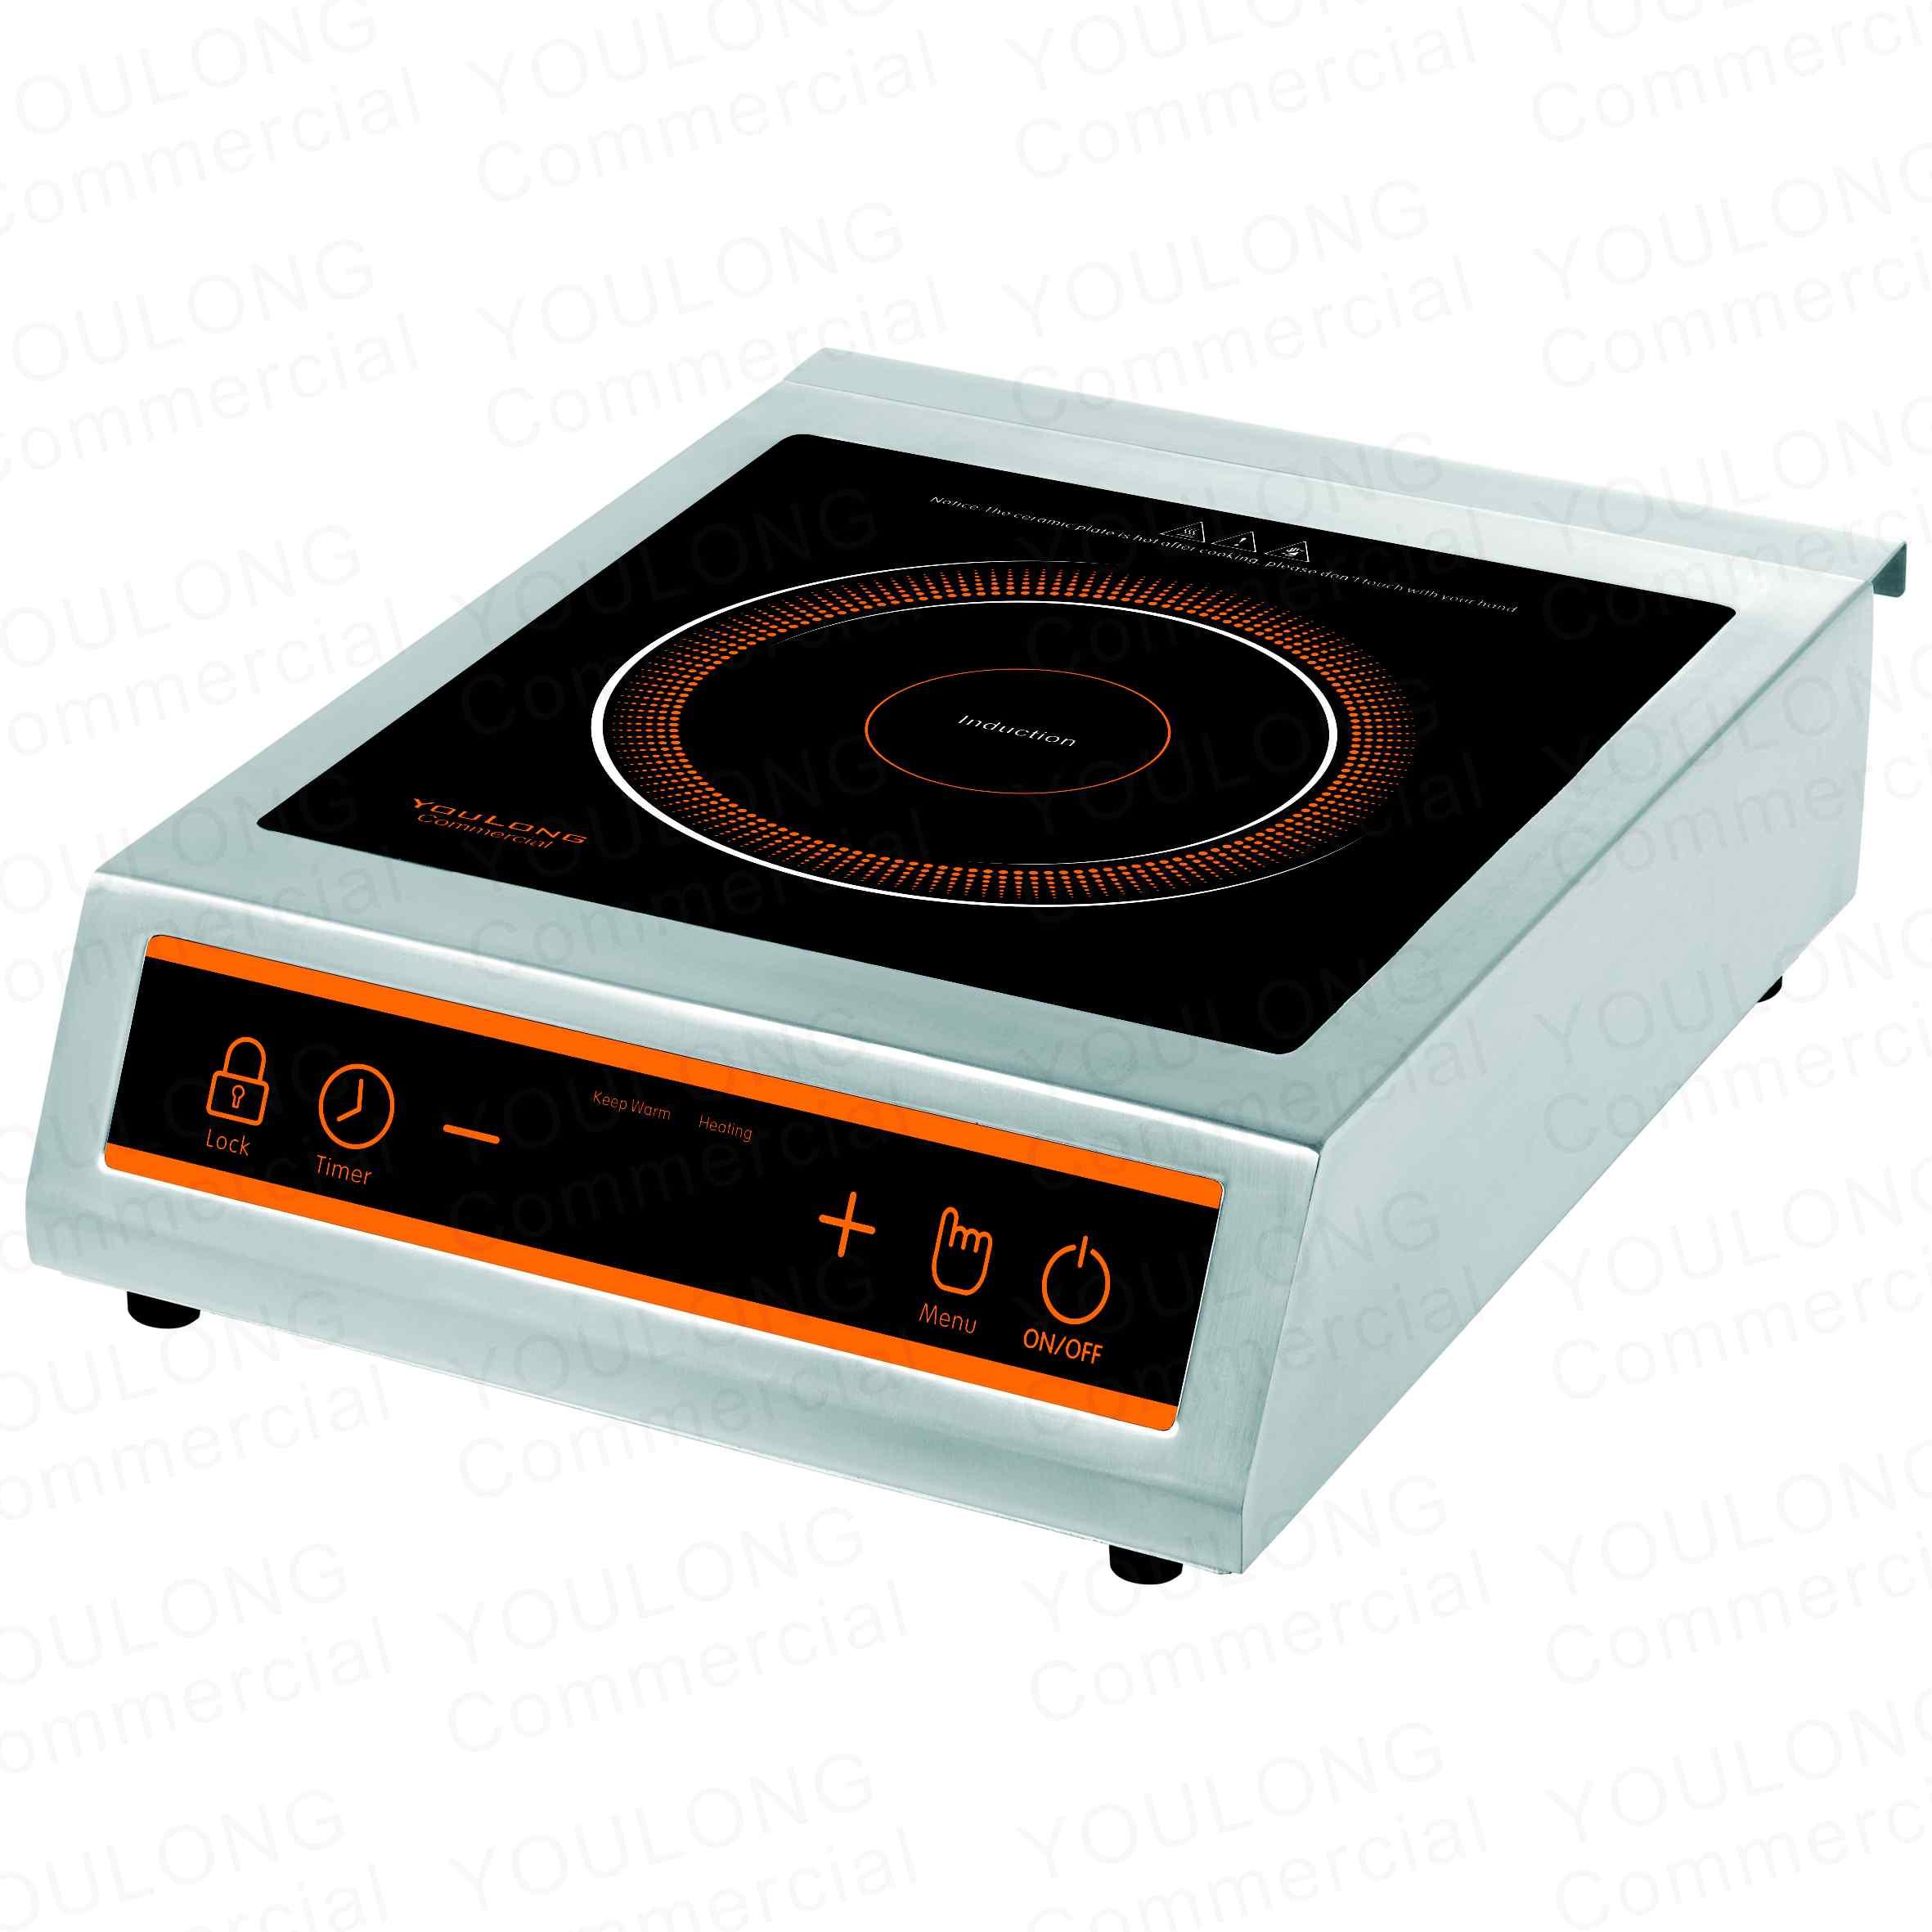 indnuction cooker(1 burner)C3511-B Press Control